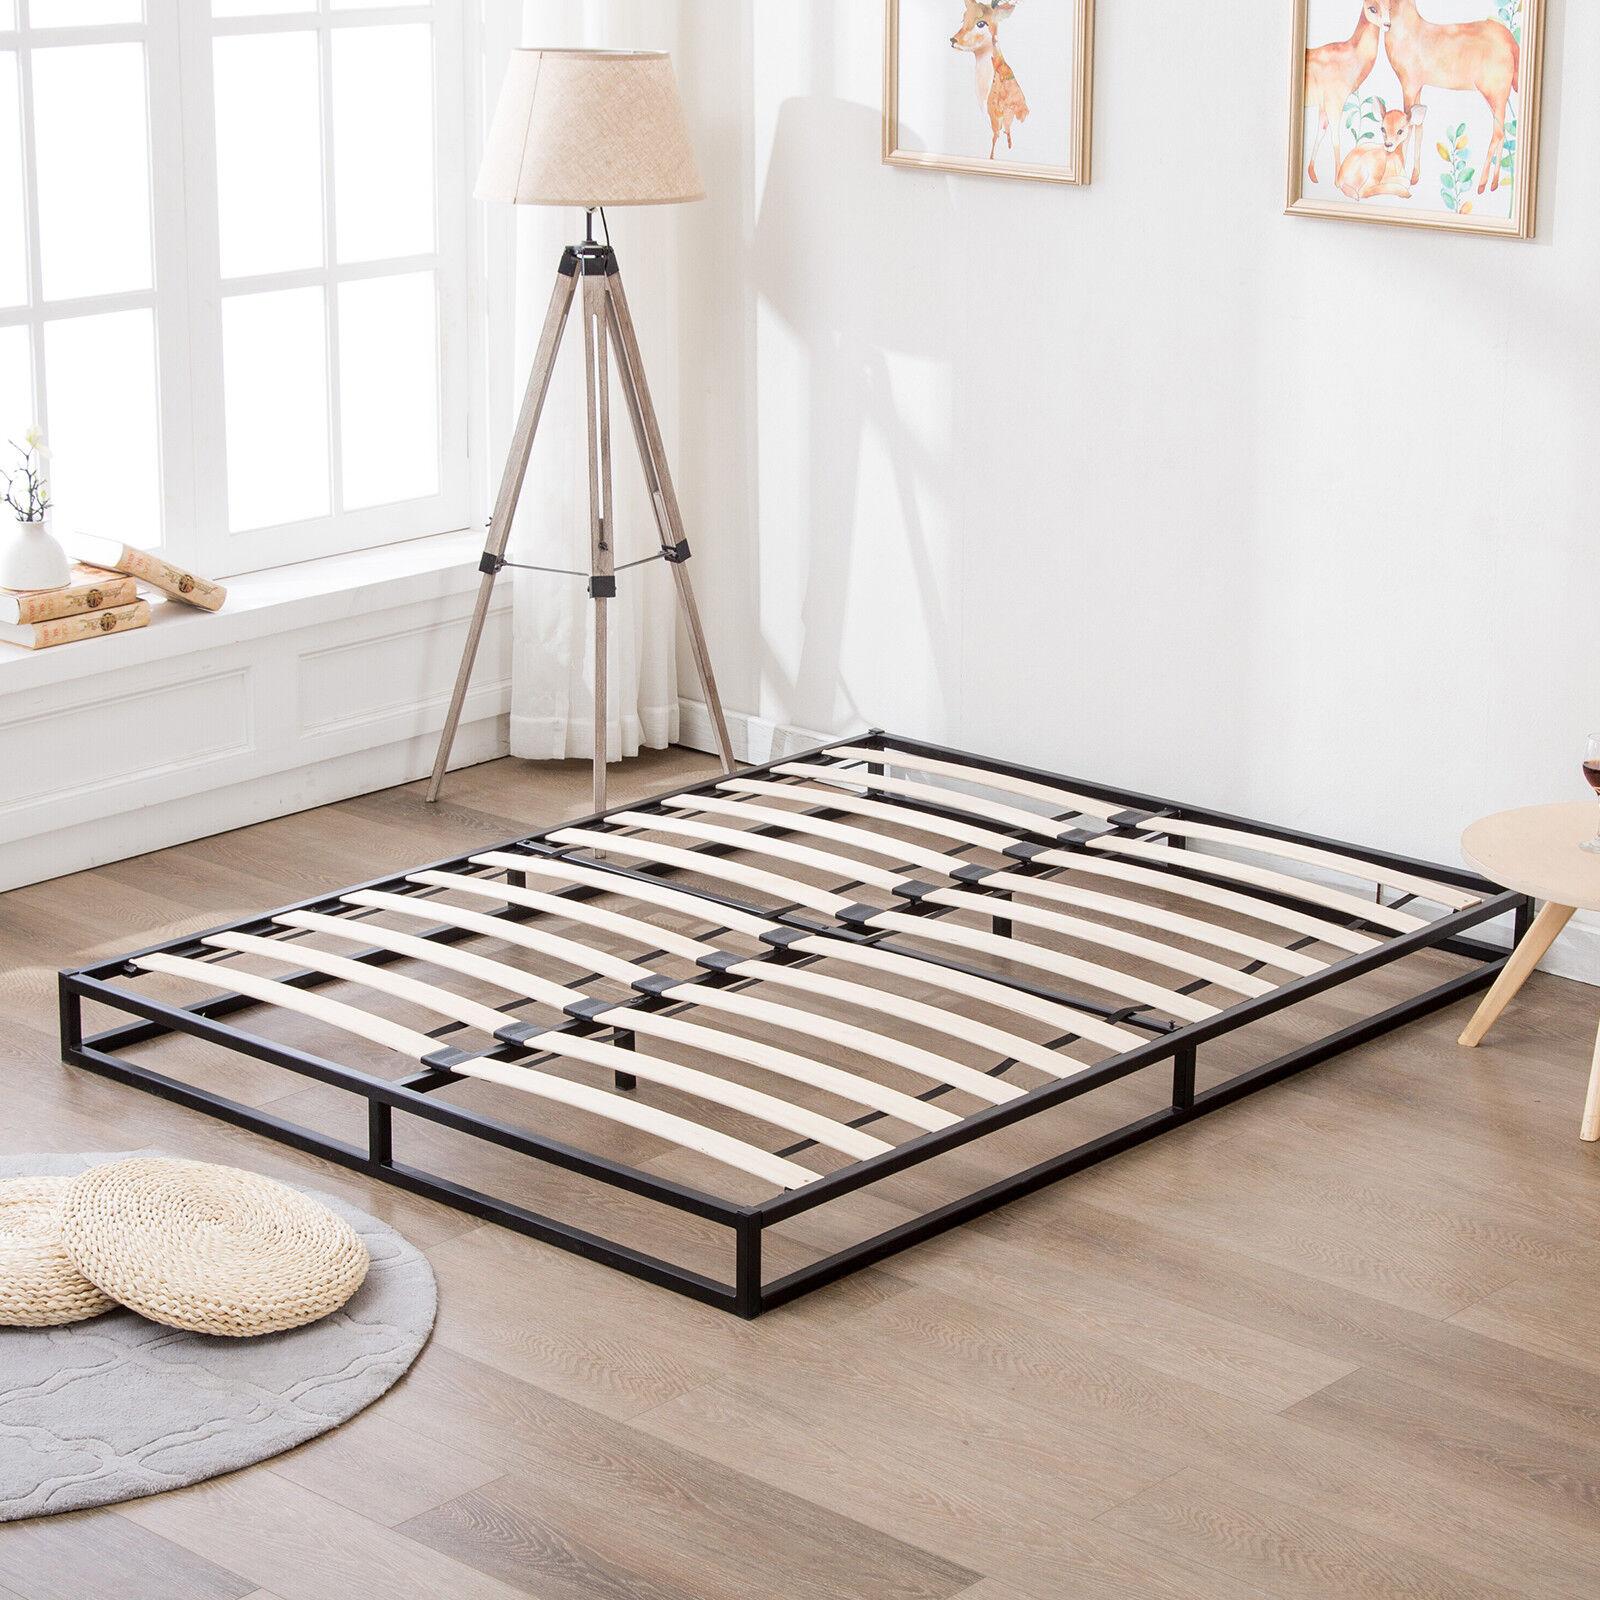 King Size Metal Bed Frame Platform w/ Wood Slats Mattress Foundation ...